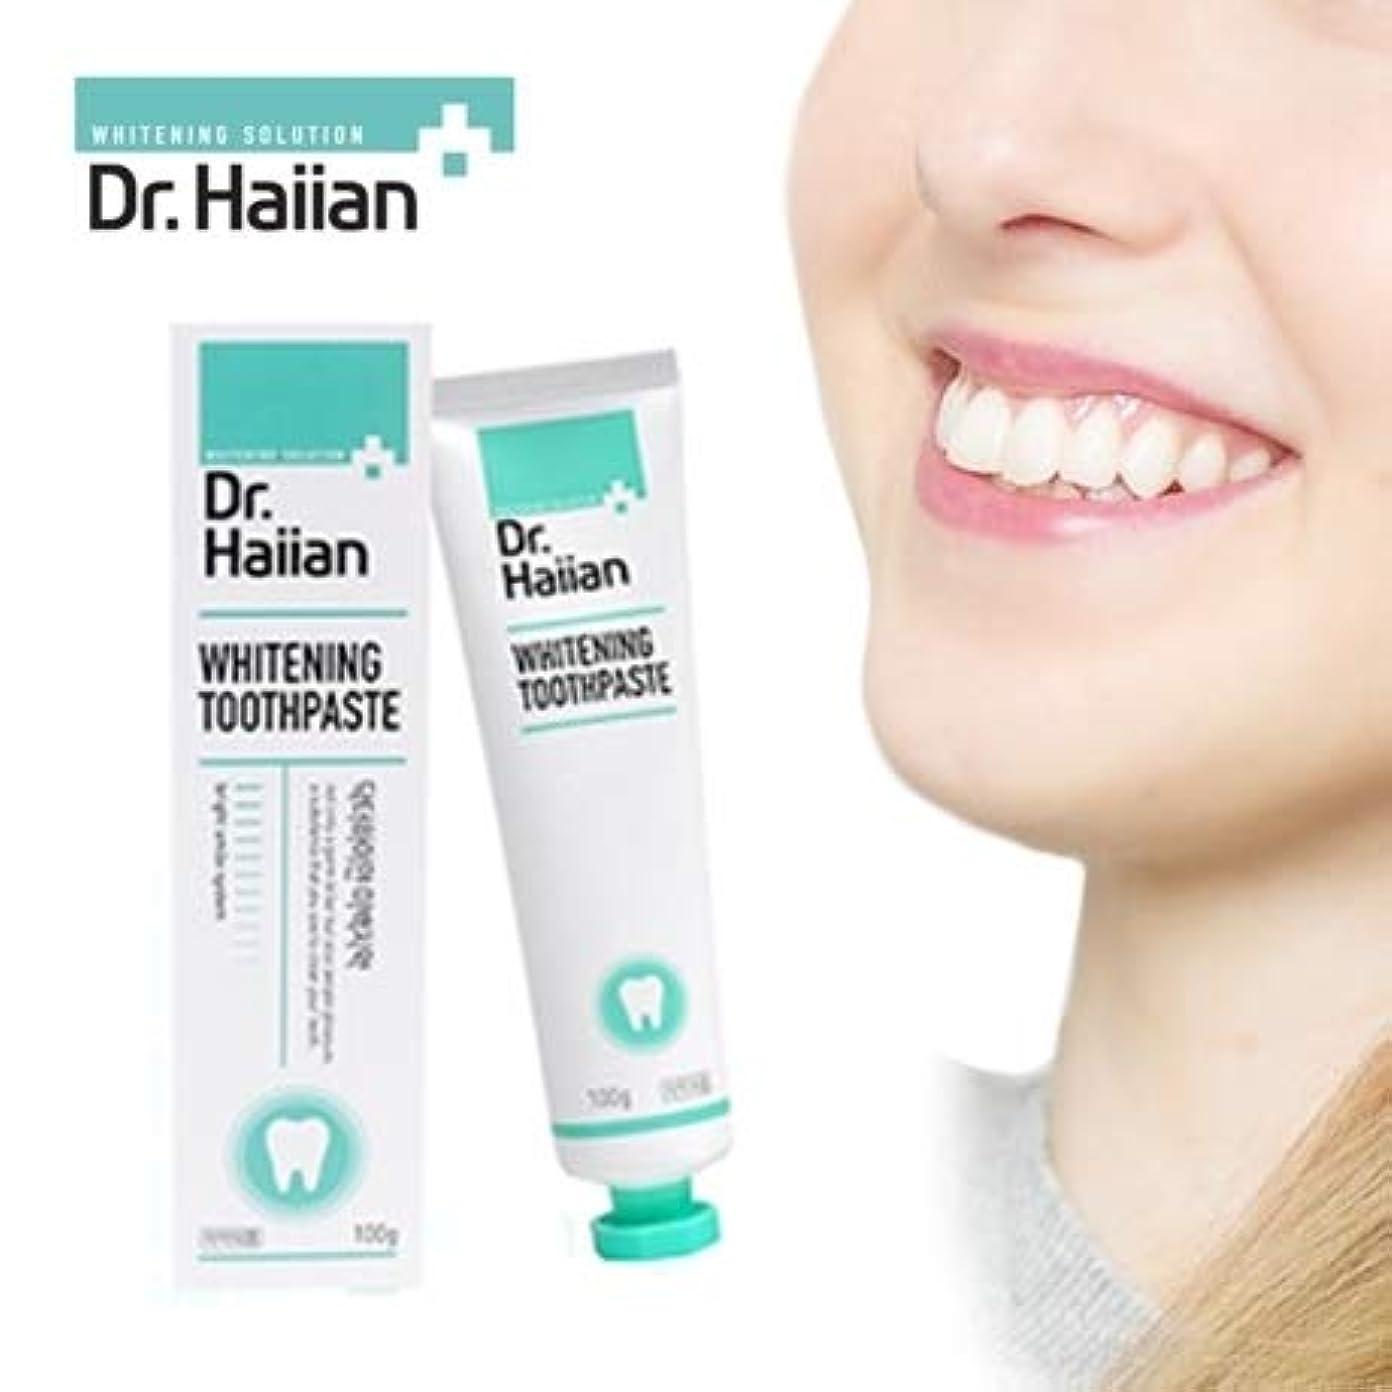 先見の明コンパイル膜Dr.Haiian WHITENING TOOTHPASTE ホワイトニング歯磨き粉 100g